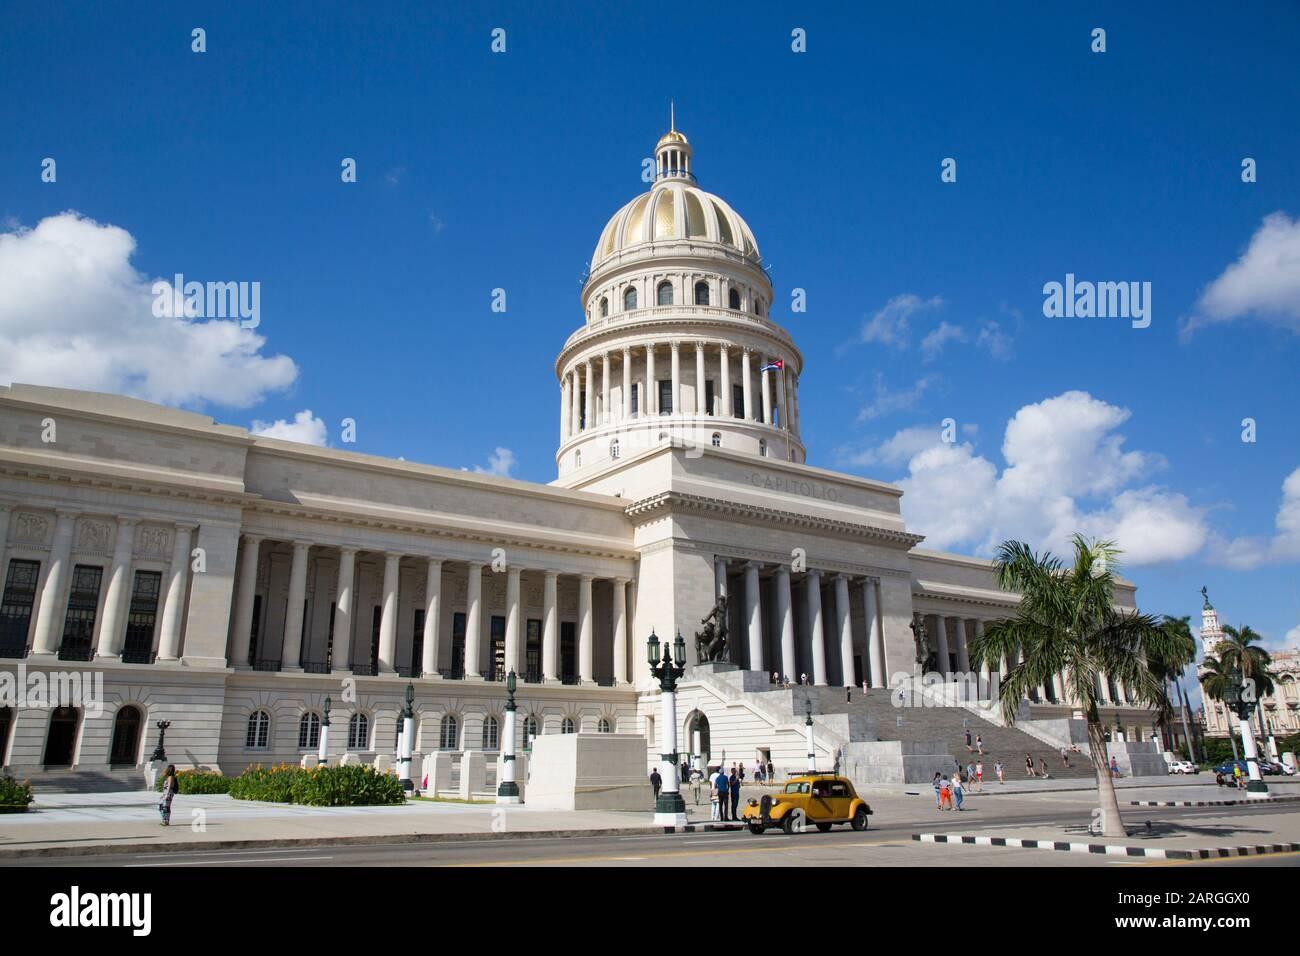 Bâtiment Du Capitole Avec Vieille Voiture Classique, Vieille Ville, Site Classé Au Patrimoine Mondial De L'Unesco, La Havane, Cuba, Antilles, Caraïbes, Amérique Centrale Banque D'Images